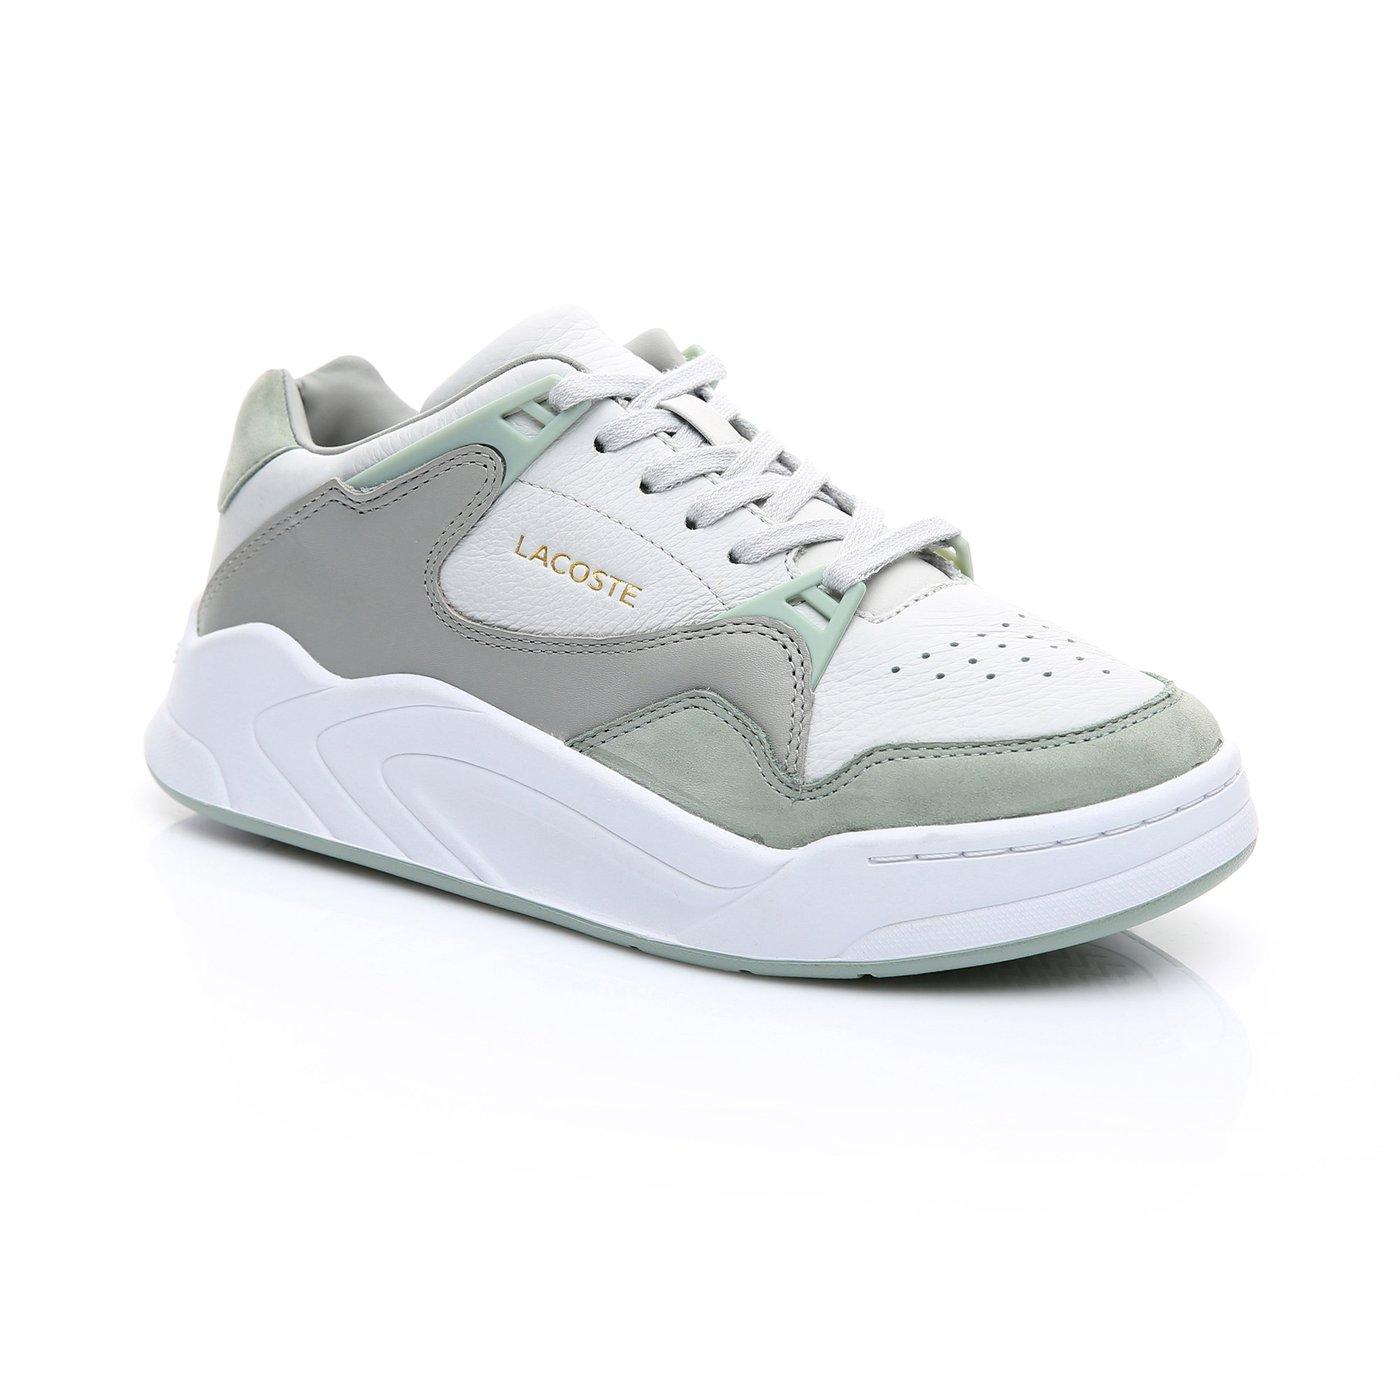 Lacoste Kadın Açık Gri - Açık Yeşil Court Slam 219 1 Spor Ayakkabı